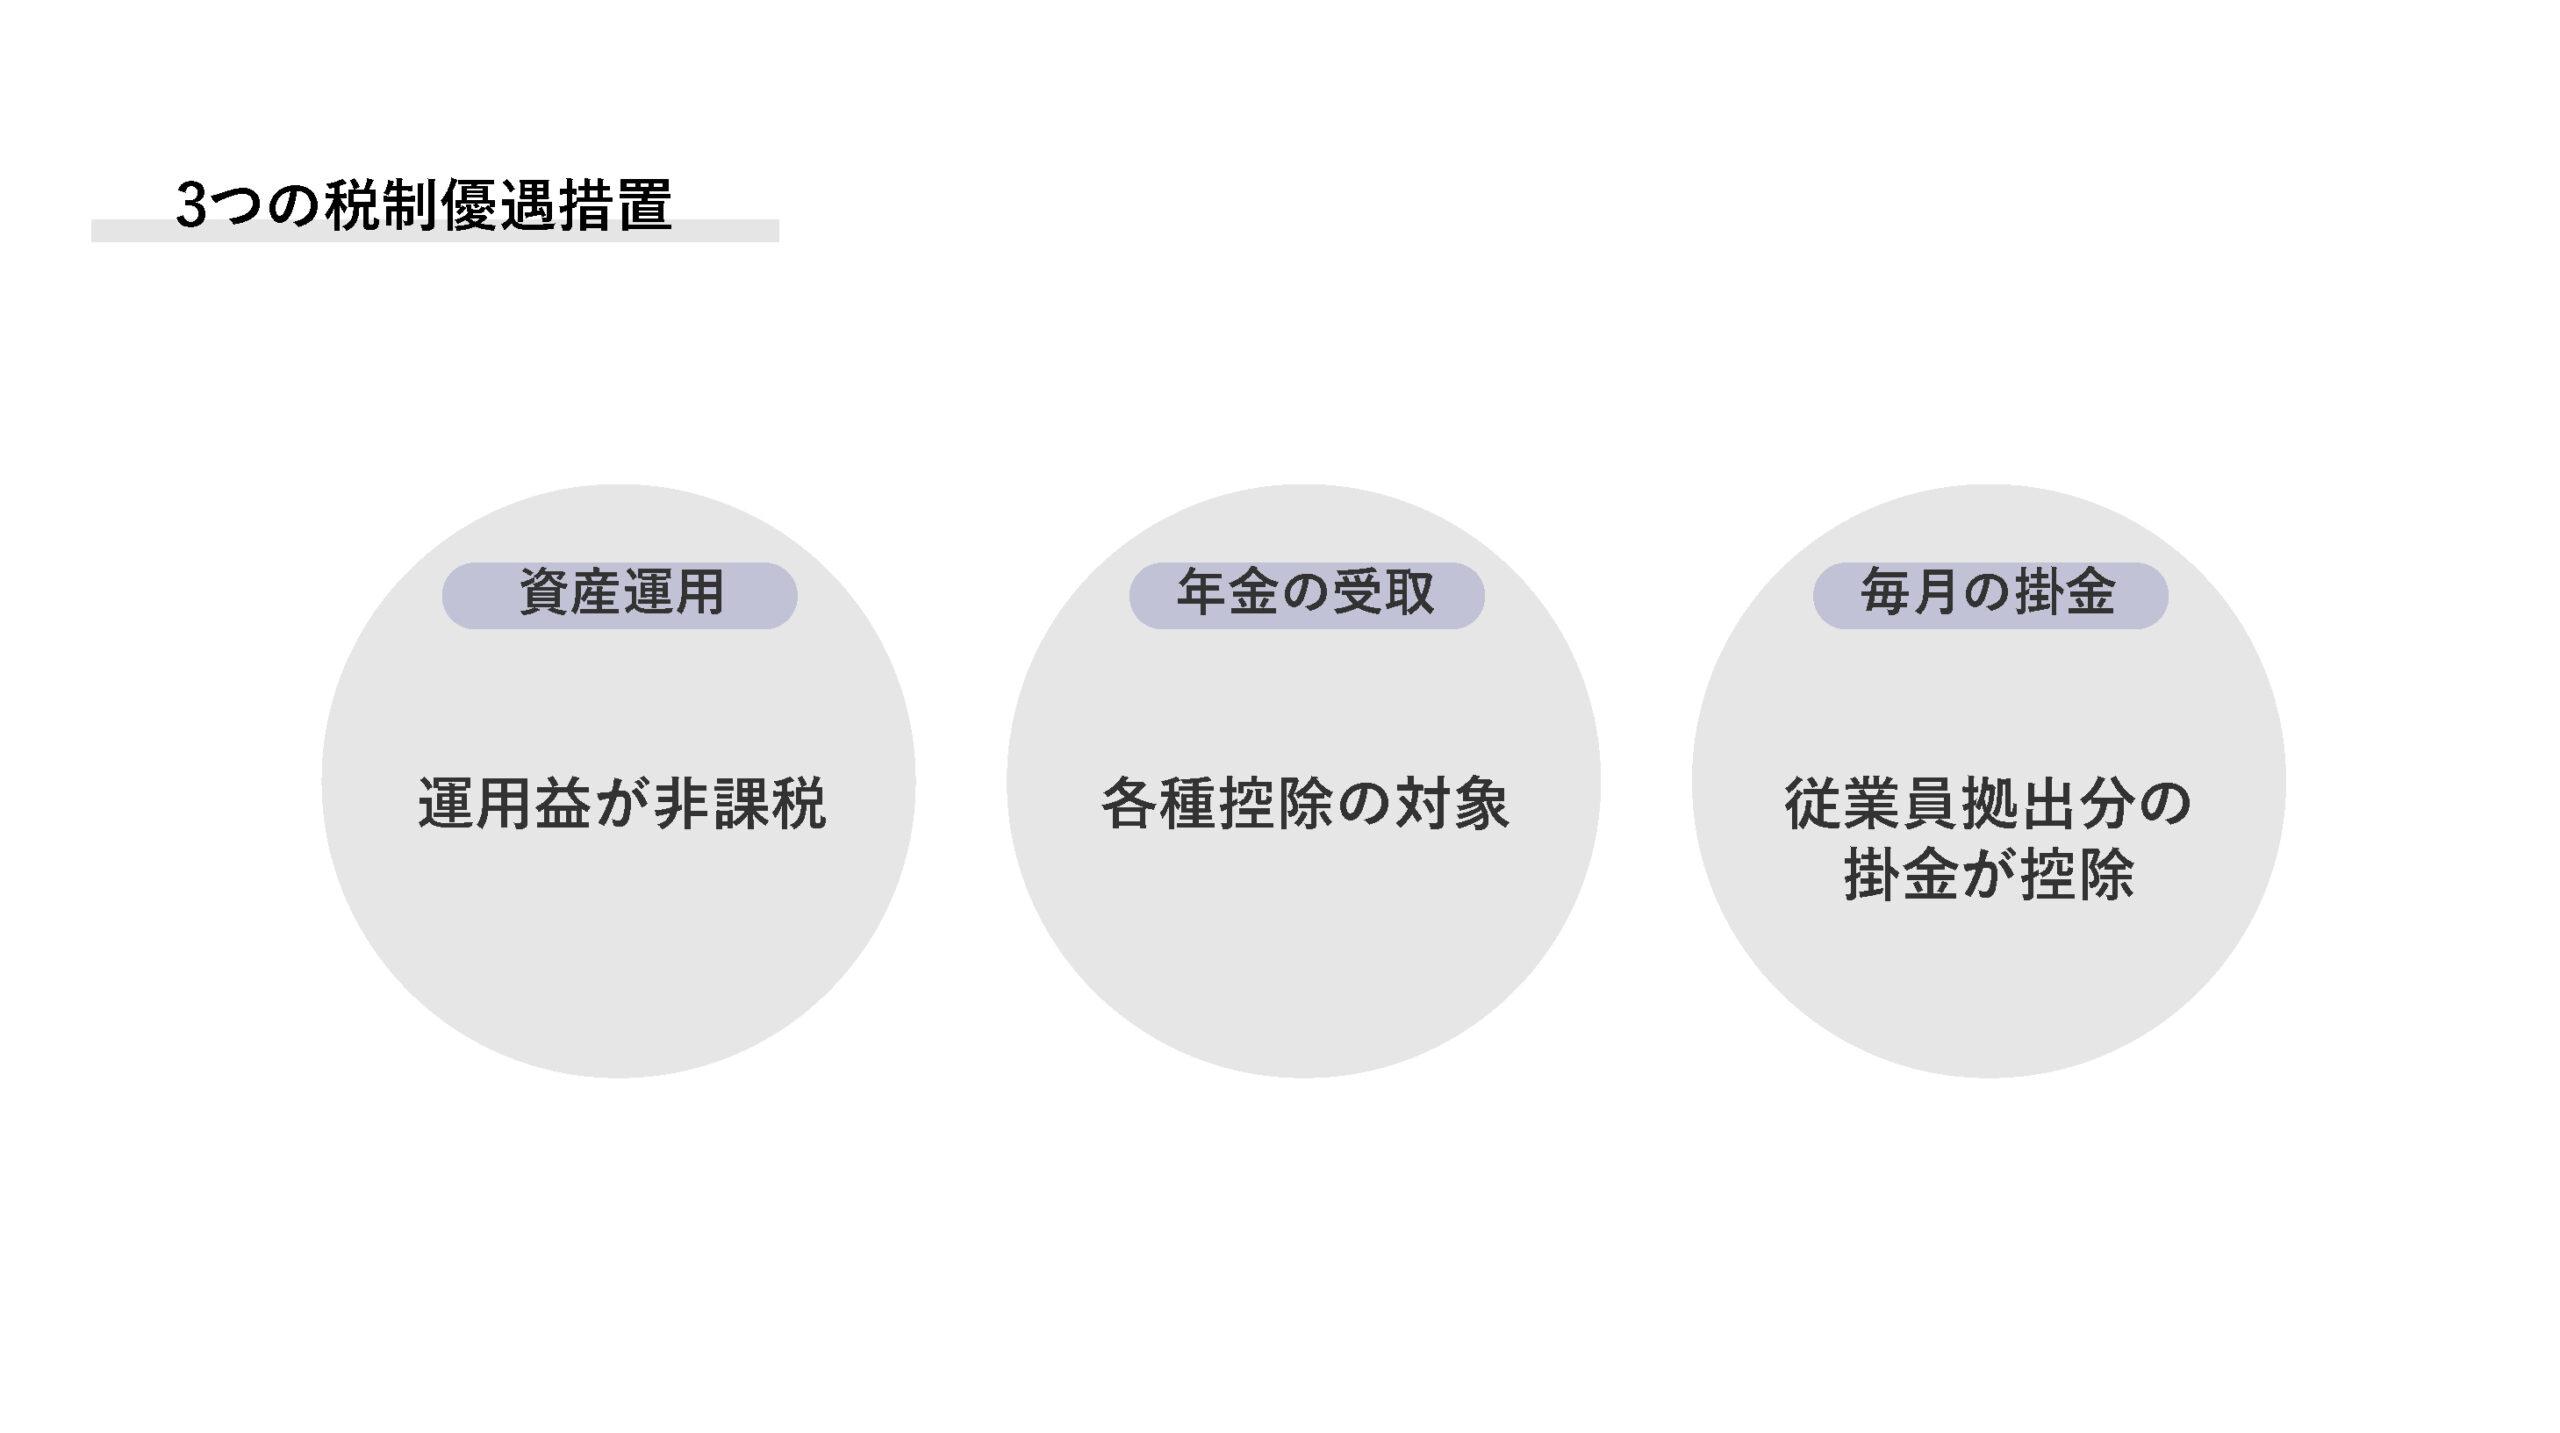 3つの税制優遇措置のイメージ